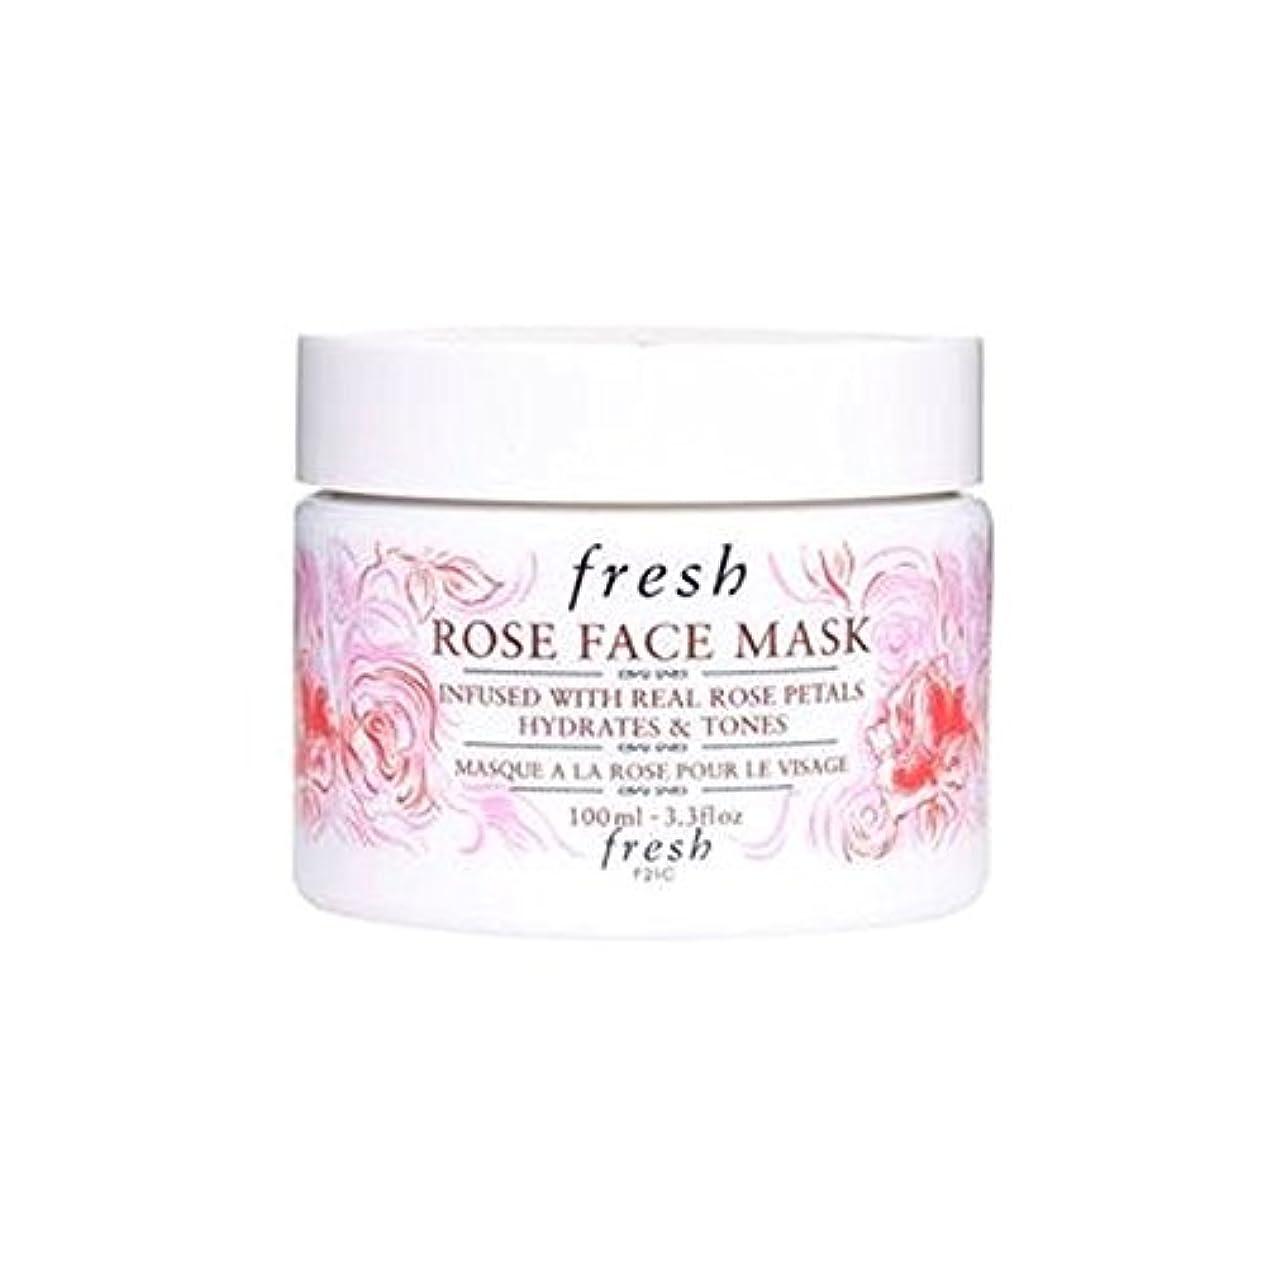 展開する予見するマンハッタンFresh (フレッシュ) 15周年記念限定版 Rose Face Mask ローズフェイスマスク-, 100ml /3.3 fl.oz [並行輸入品] [海外直送品]